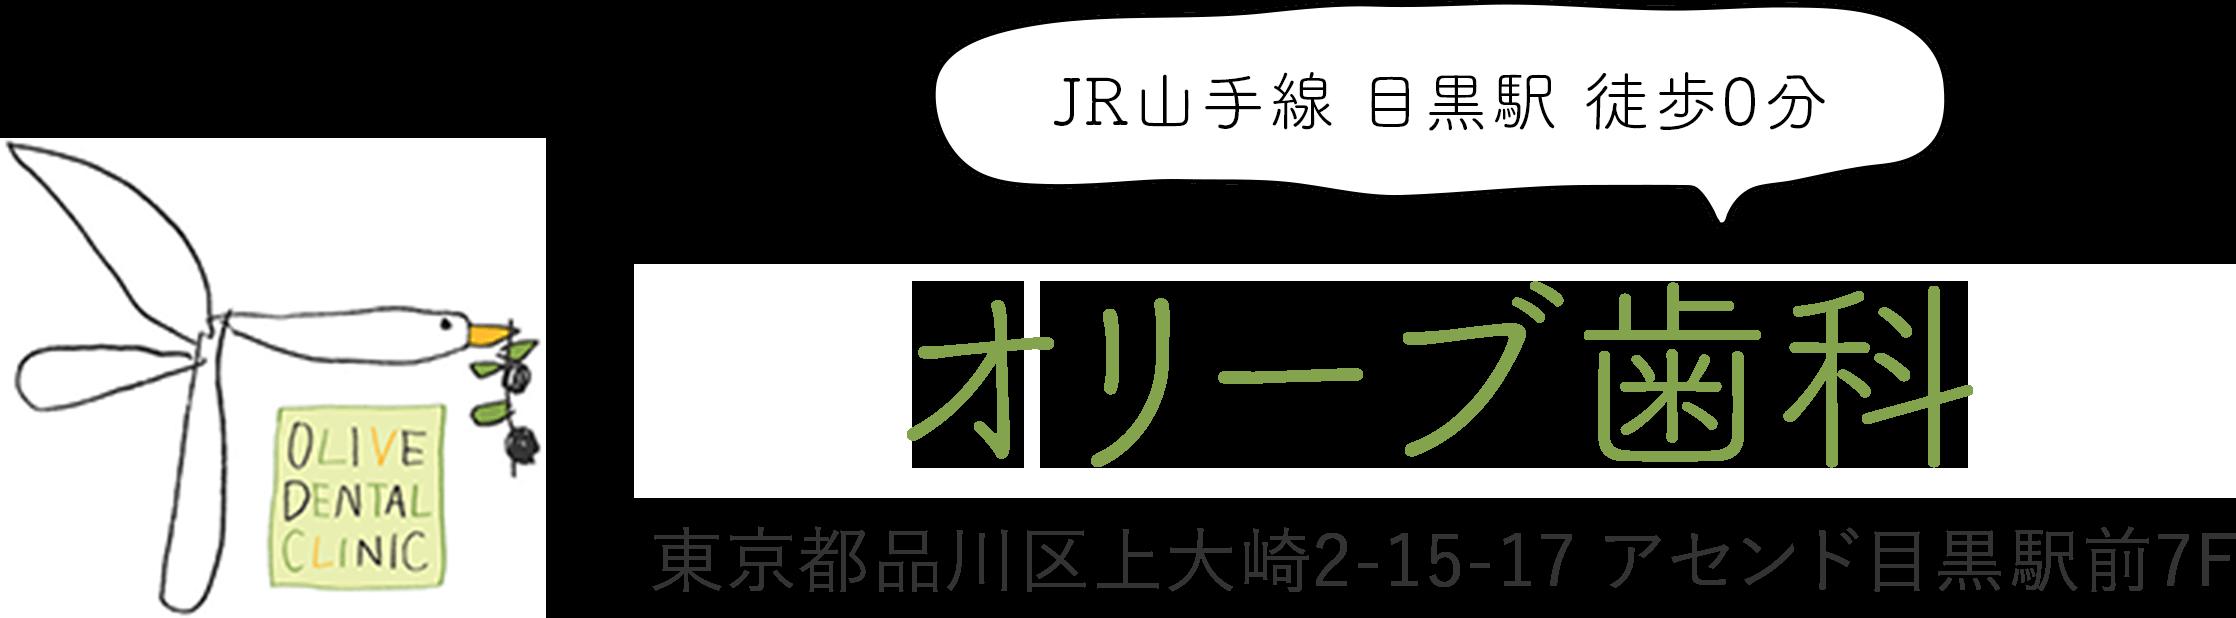 東京都品川区上大崎2-15-17 アセンド目黒駅前7F